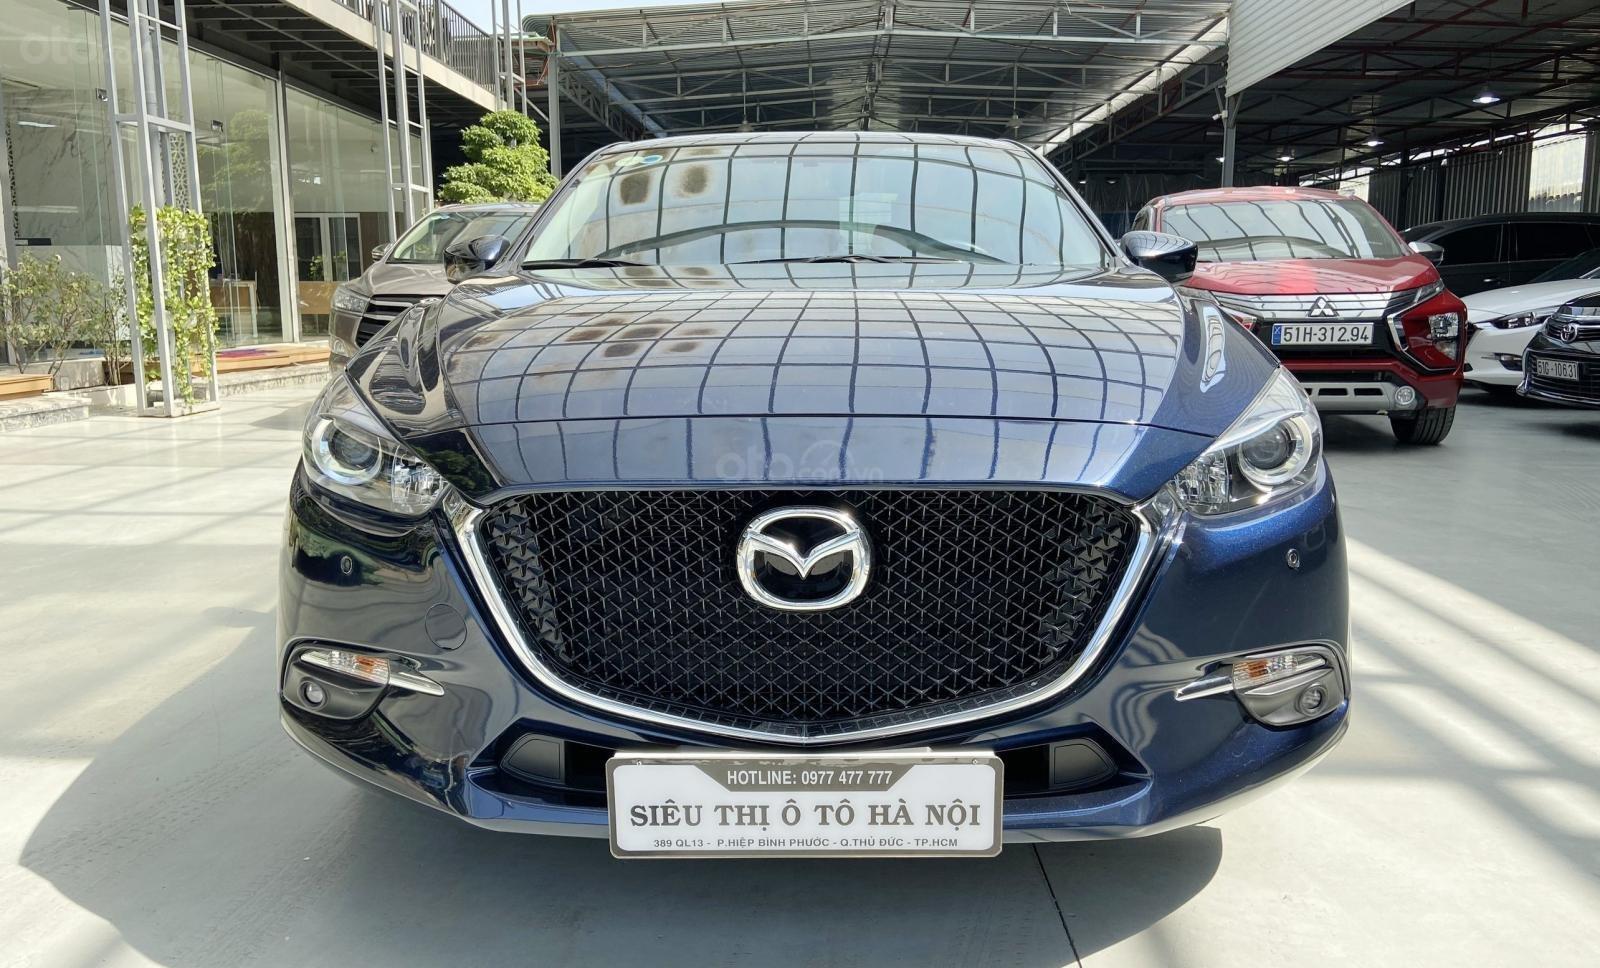 Bán Mazda 3 1.5AT 2019 có ghế điện, xe gia đình mới đi 7.000 km, zin nguyên bản 100%, như xe hãng (2)